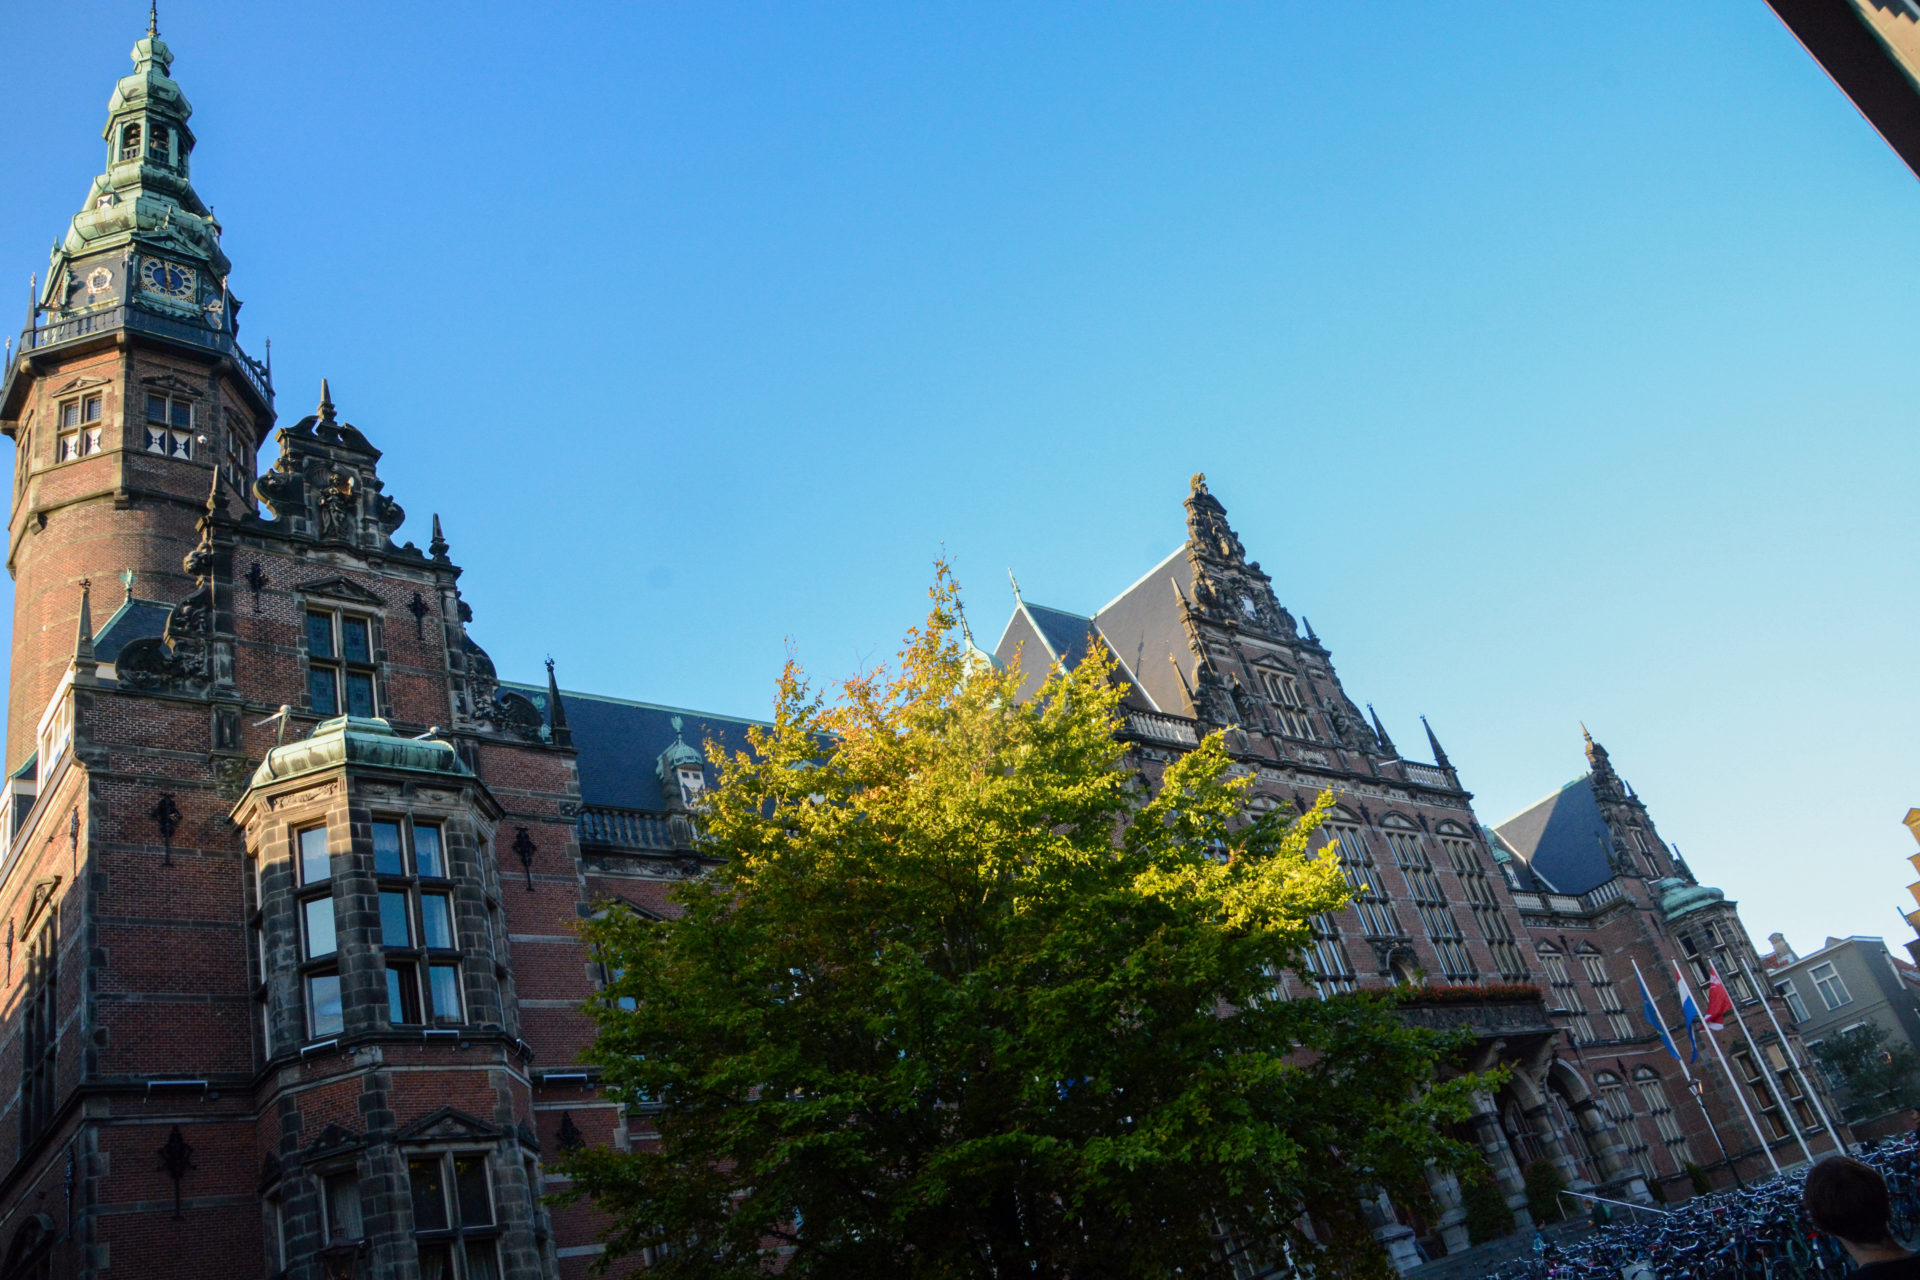 Das Hauptgebäude der Universität von Groningen